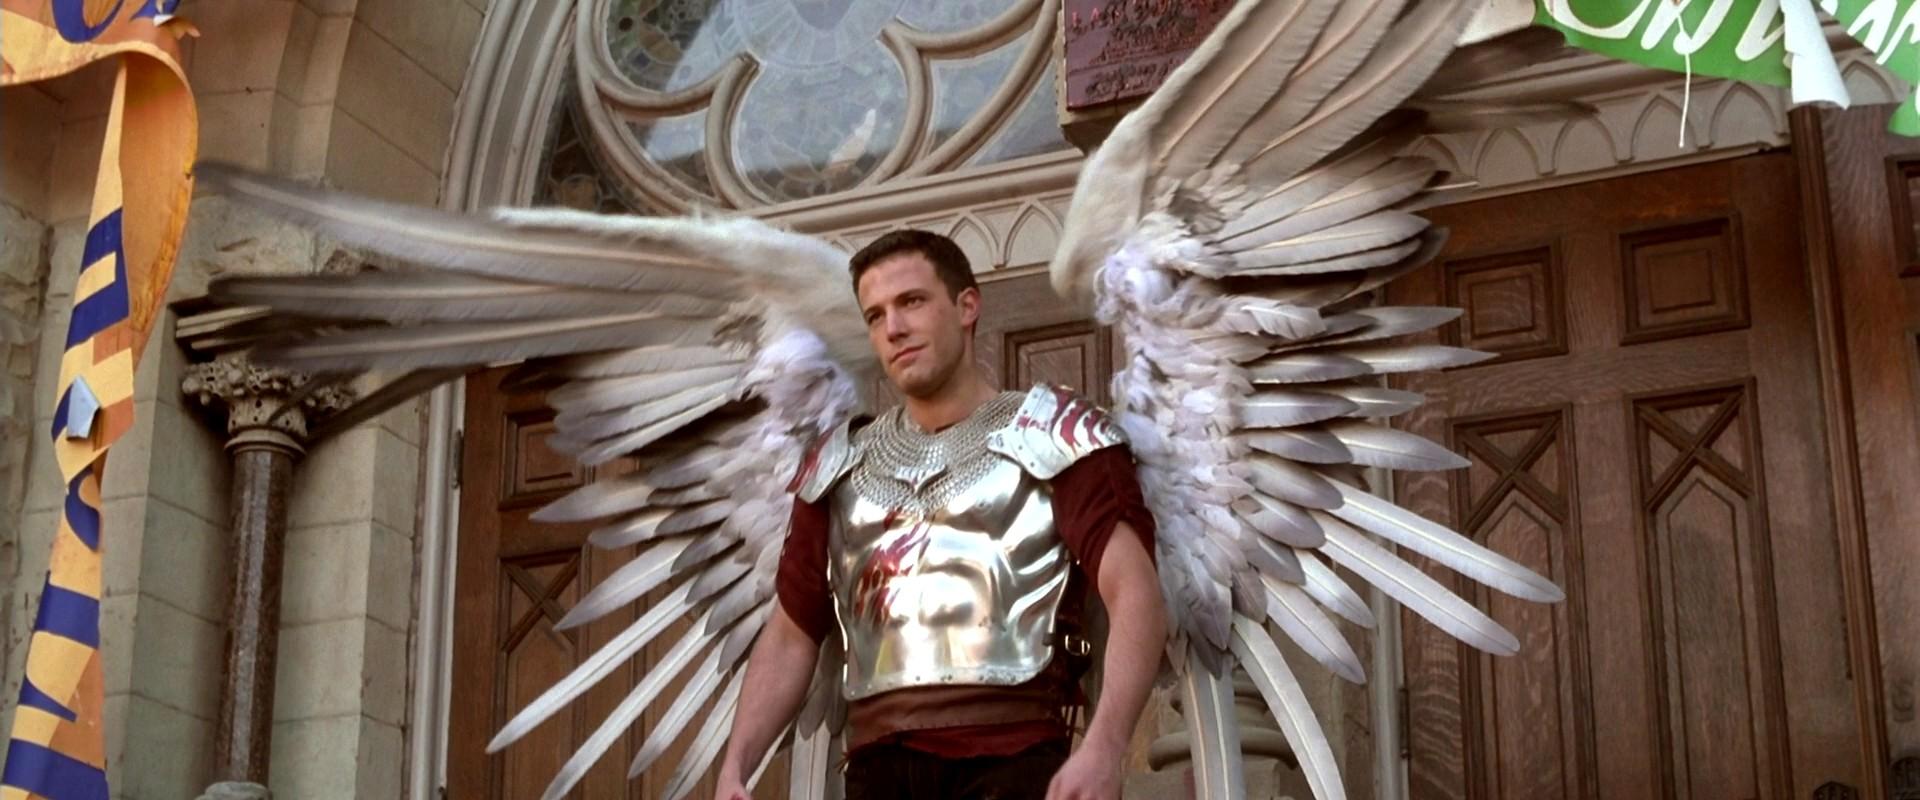 Dogma: Ben Affleck è un angelo caduto